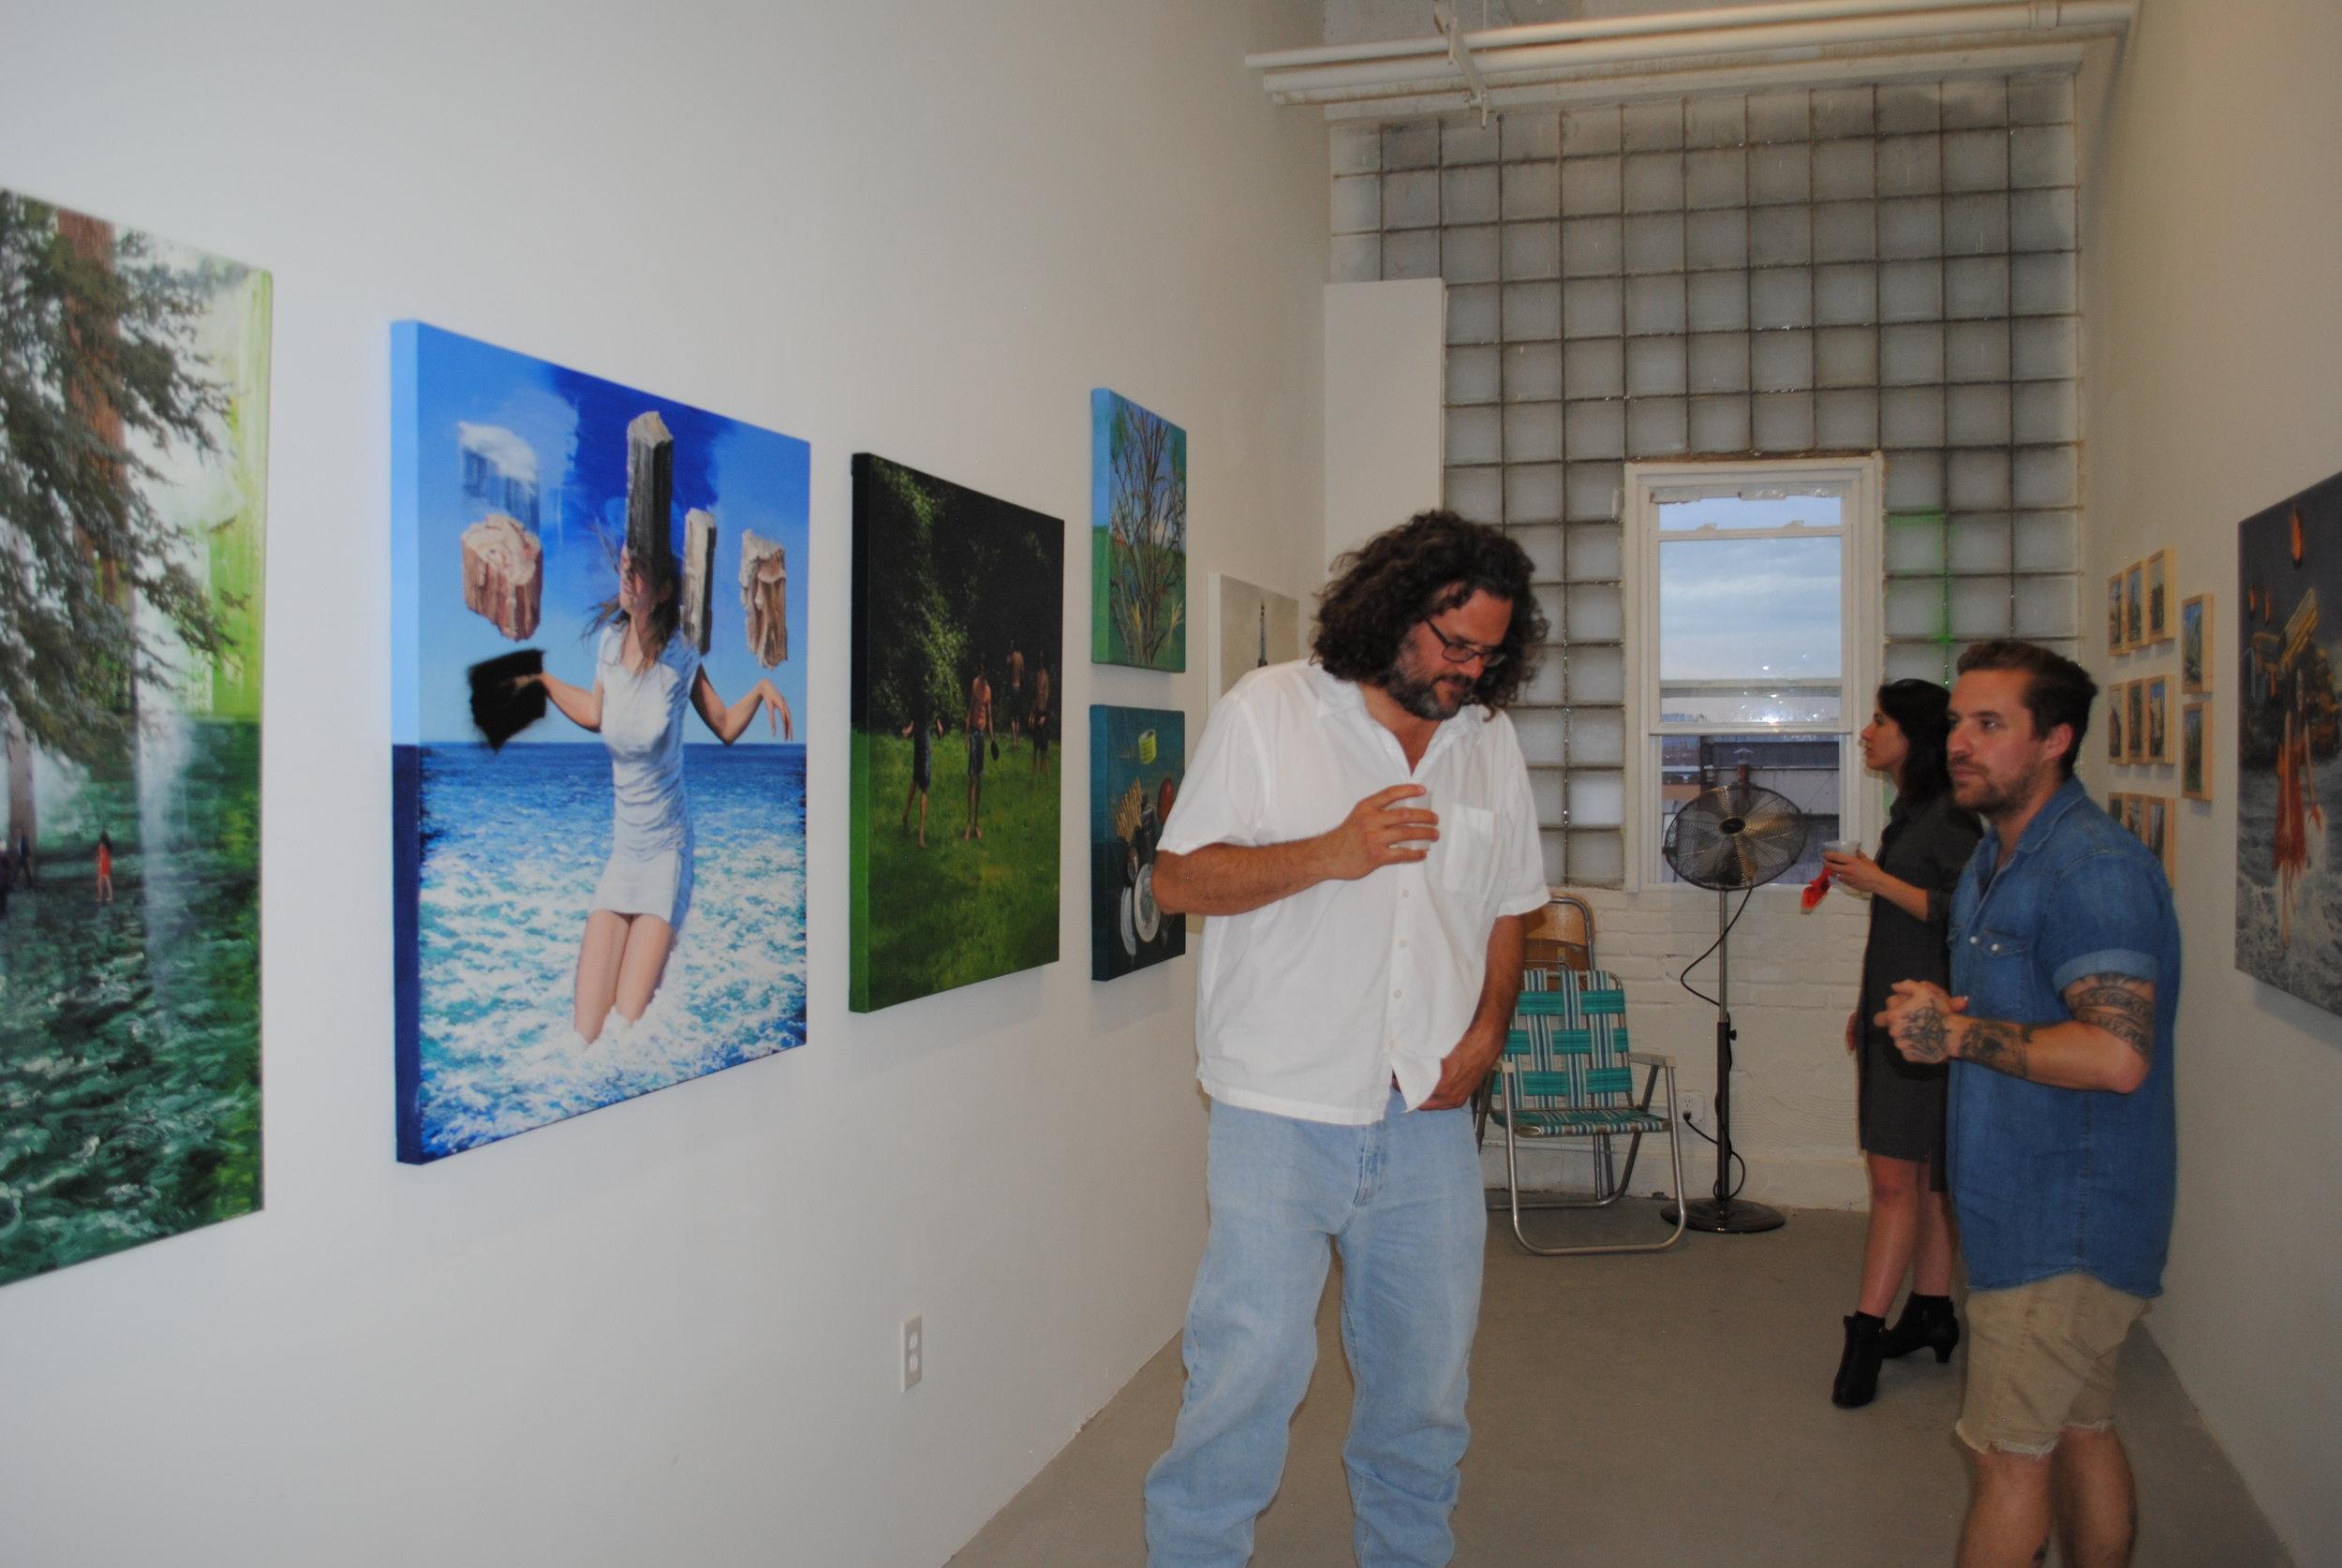 DavidNakabayashi-ArtistAtWork (66).JPG